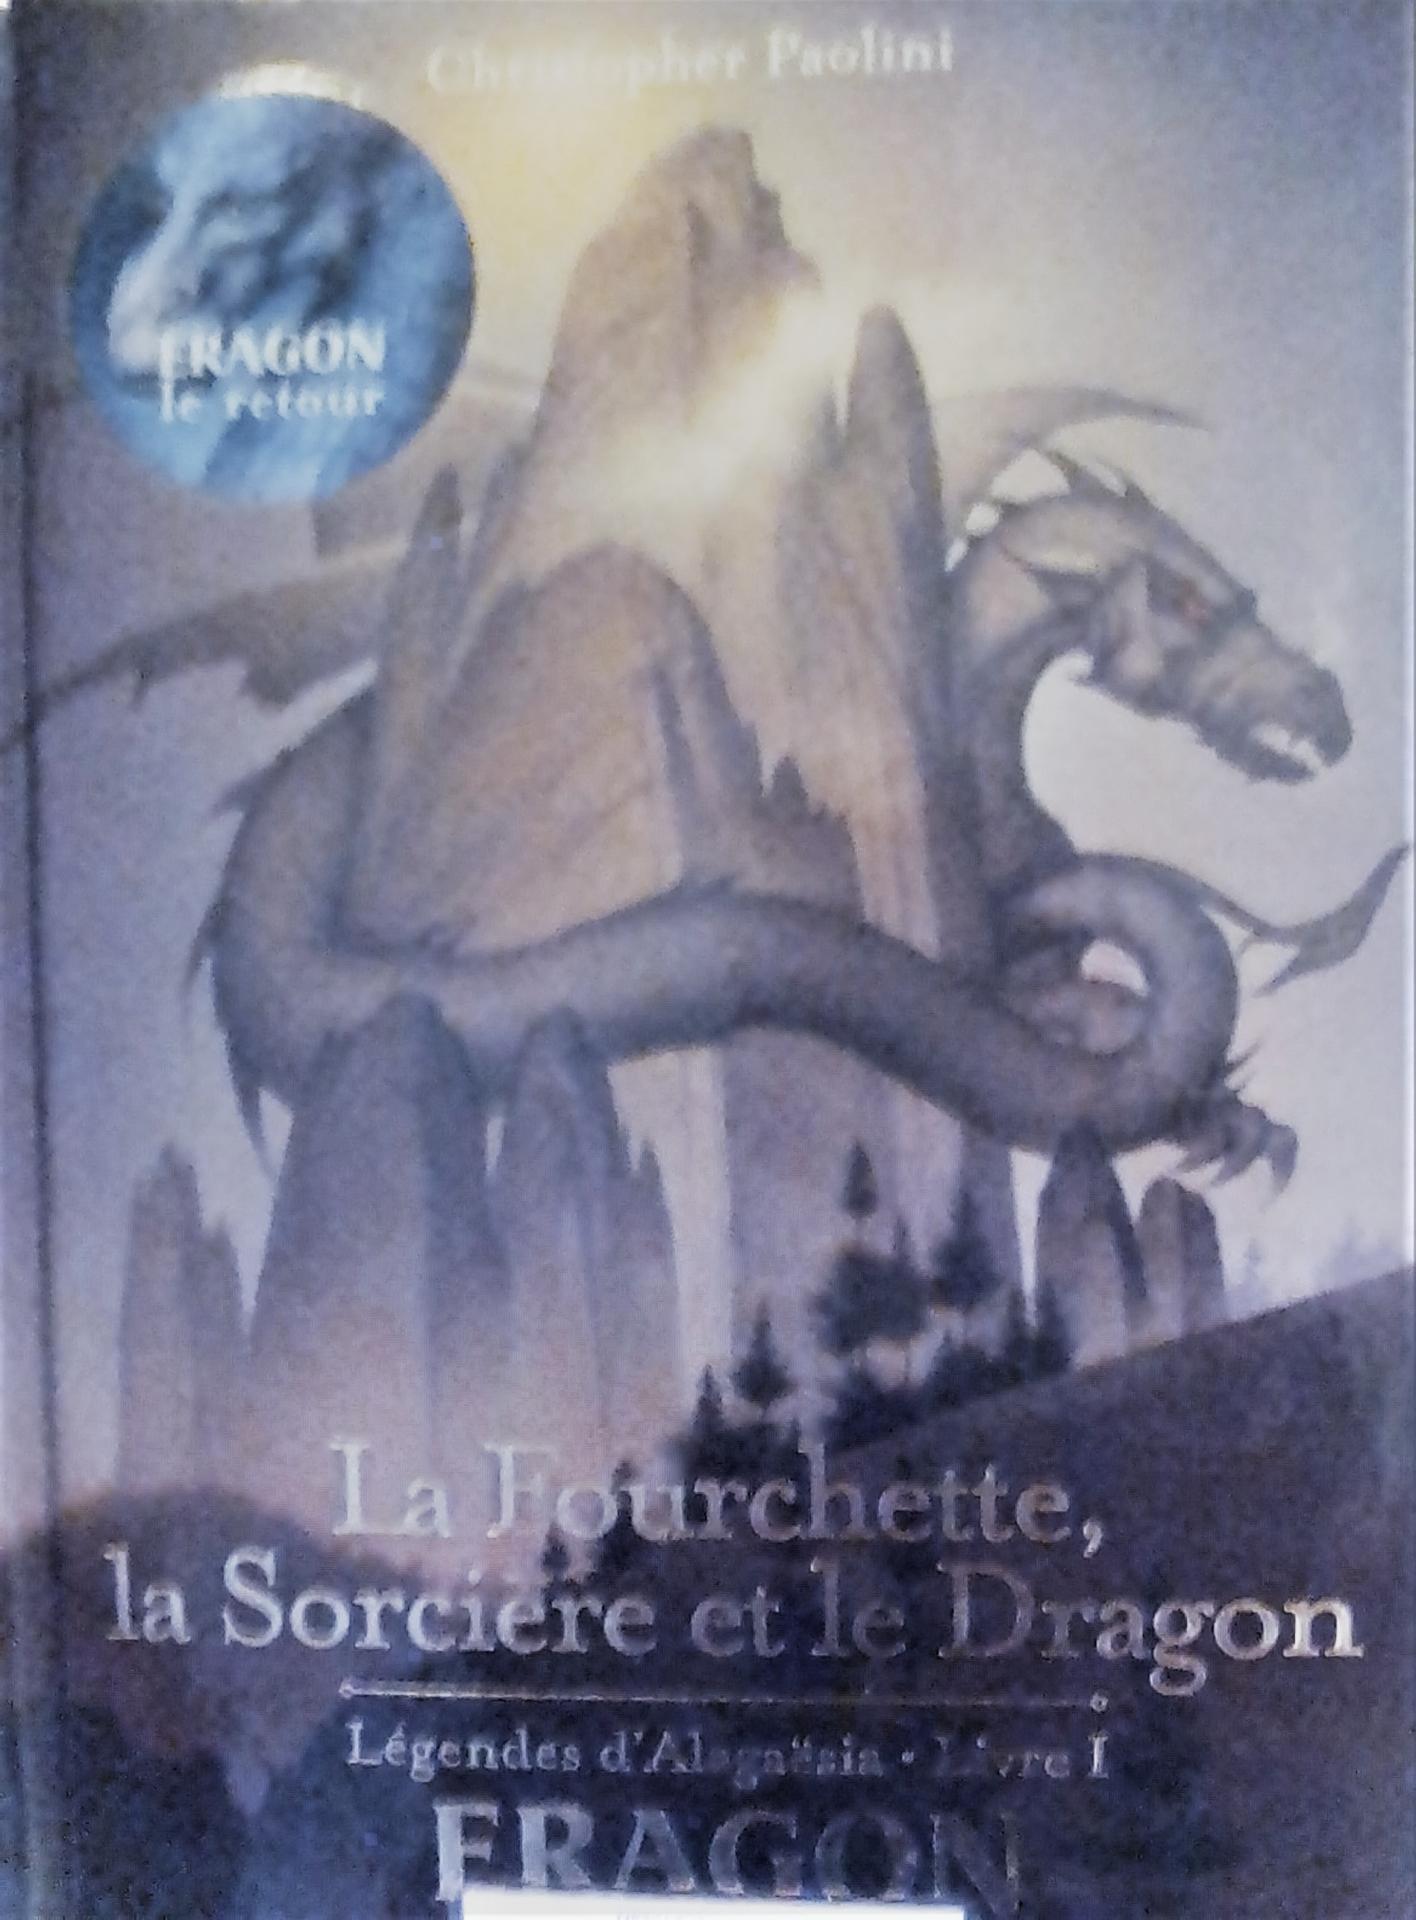 La Fourchette La Sorcière Et Le Dragon : fourchette, sorcière, dragon, Fourchette,, Sorcière, Dragon, Paolinii